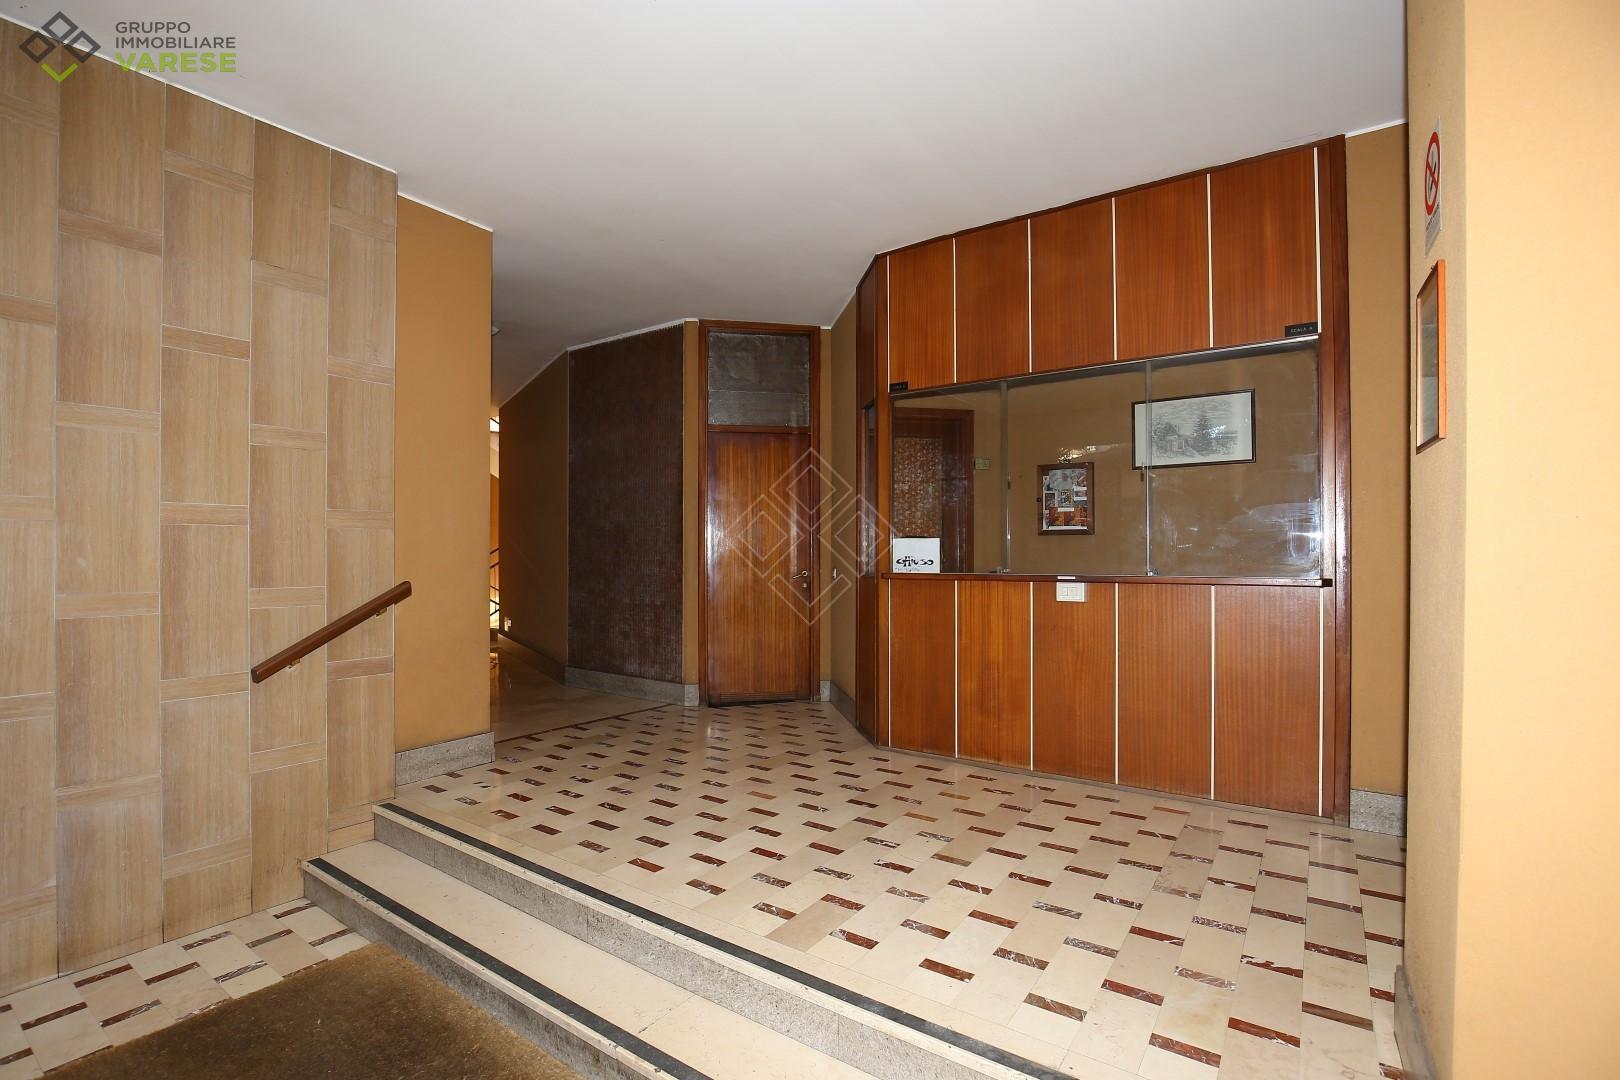 Attico / Mansarda in vendita a Varese, 2 locali, zona Zona: Masnago, prezzo € 115.000 | CambioCasa.it